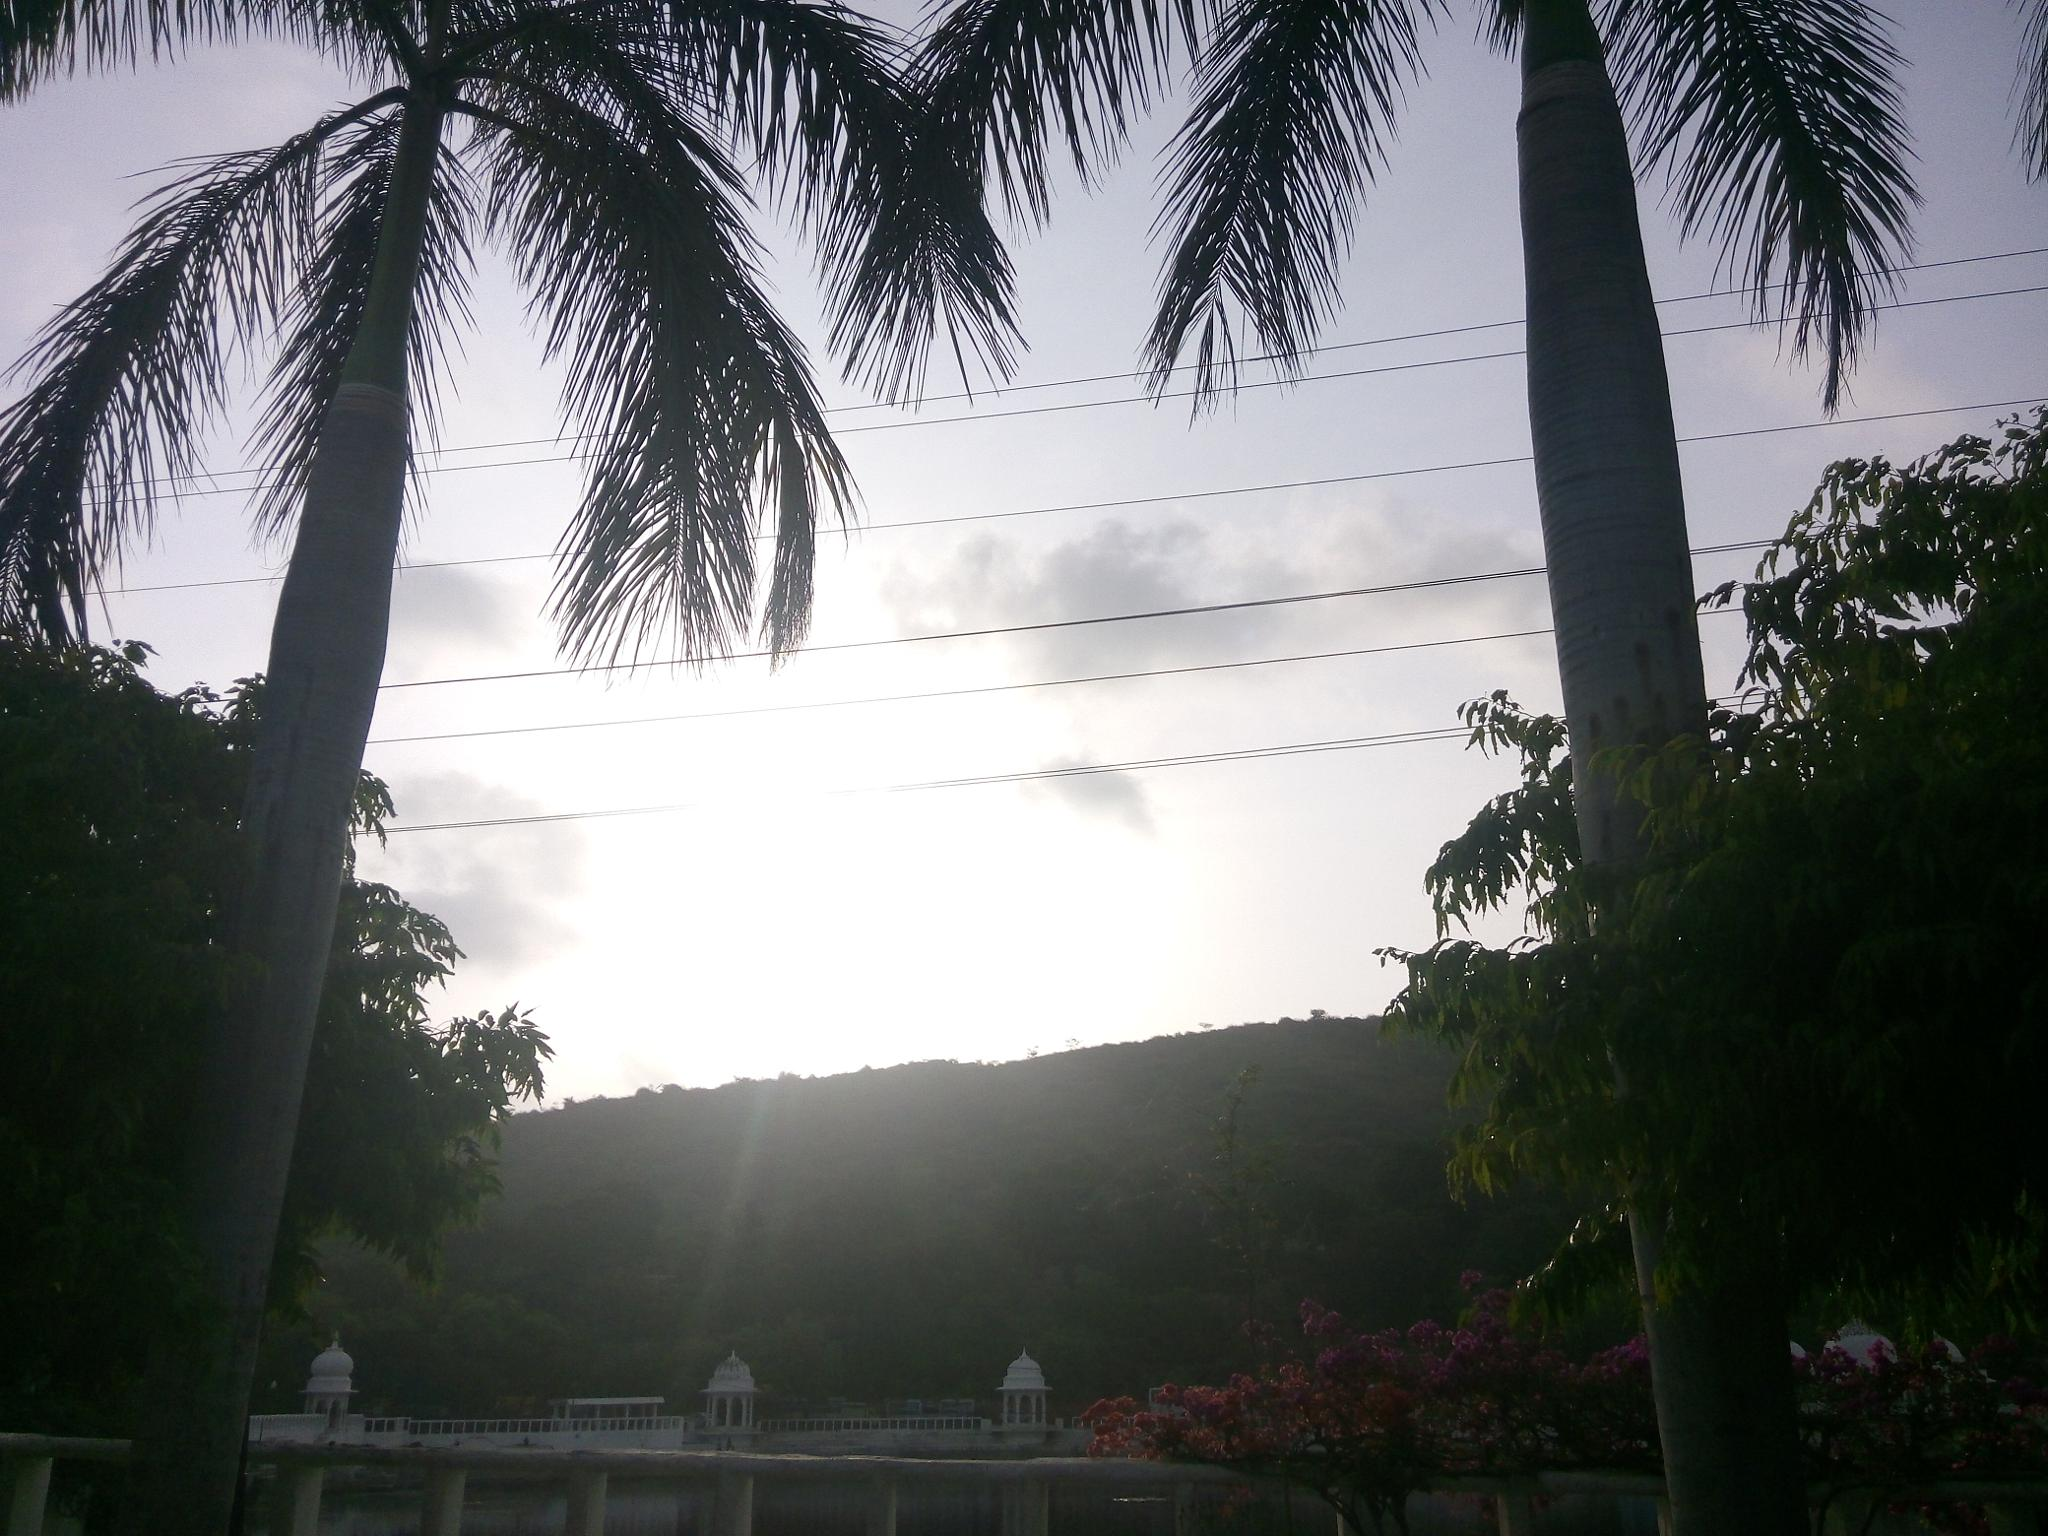 Sun rise by Saurabh Jain